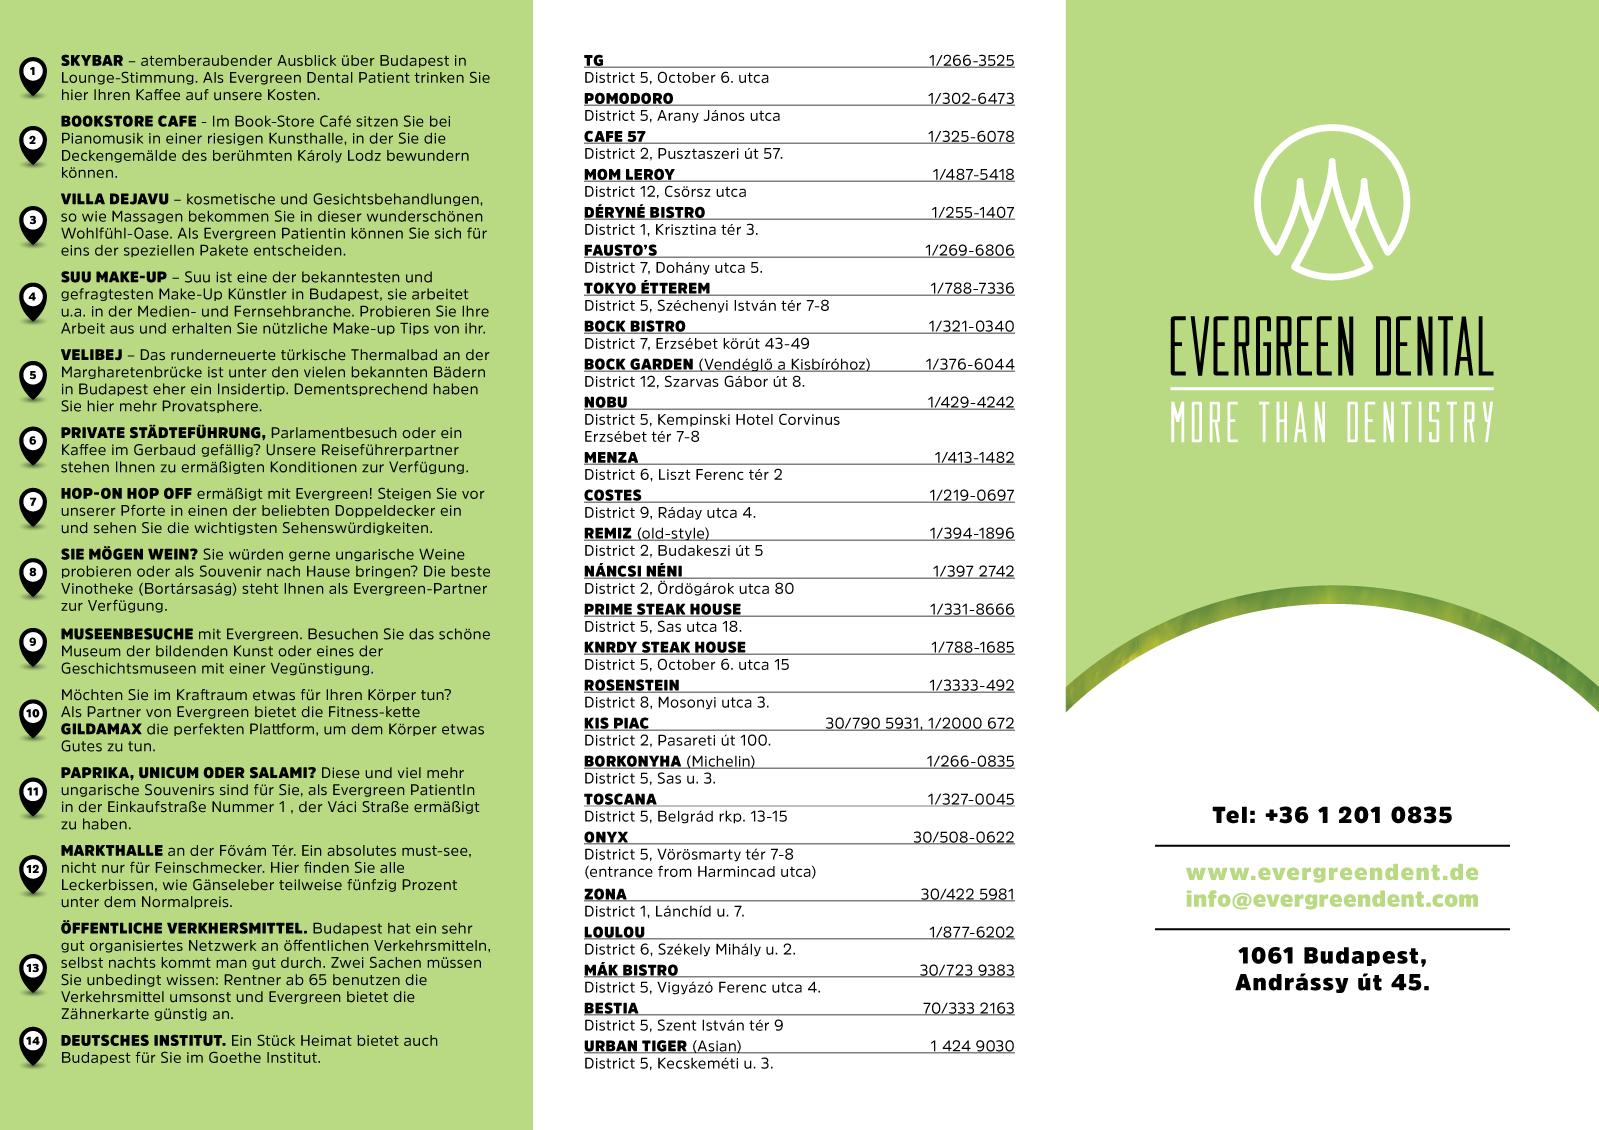 Eine Karte mit allen Partnern von Evergreen Dental